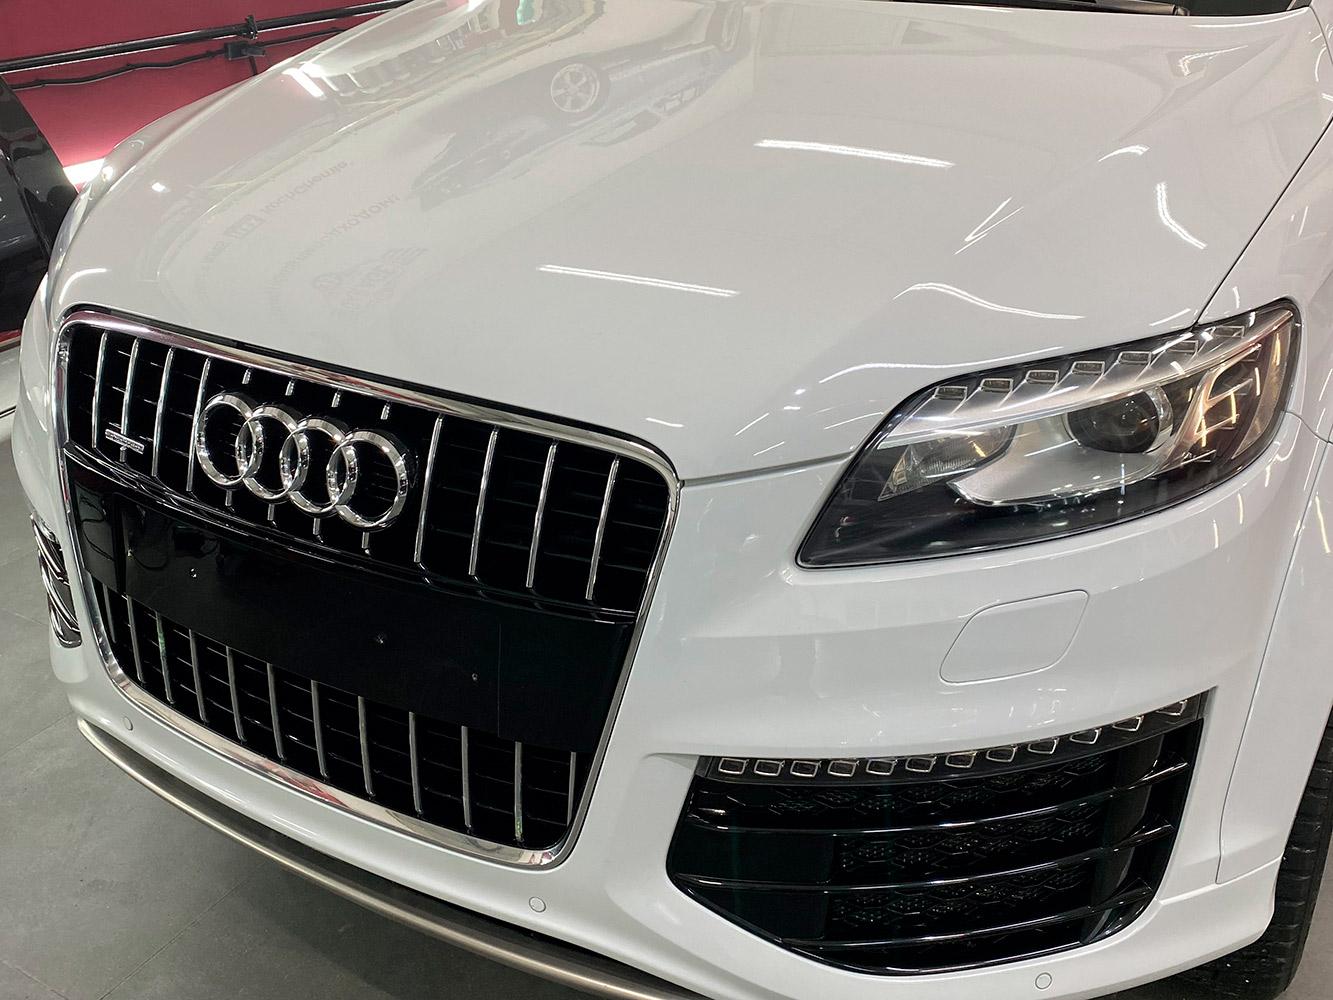 Смотреть фото Audi Q7 после детейлинг-мойки, удаления пятен и ремонта сколов.